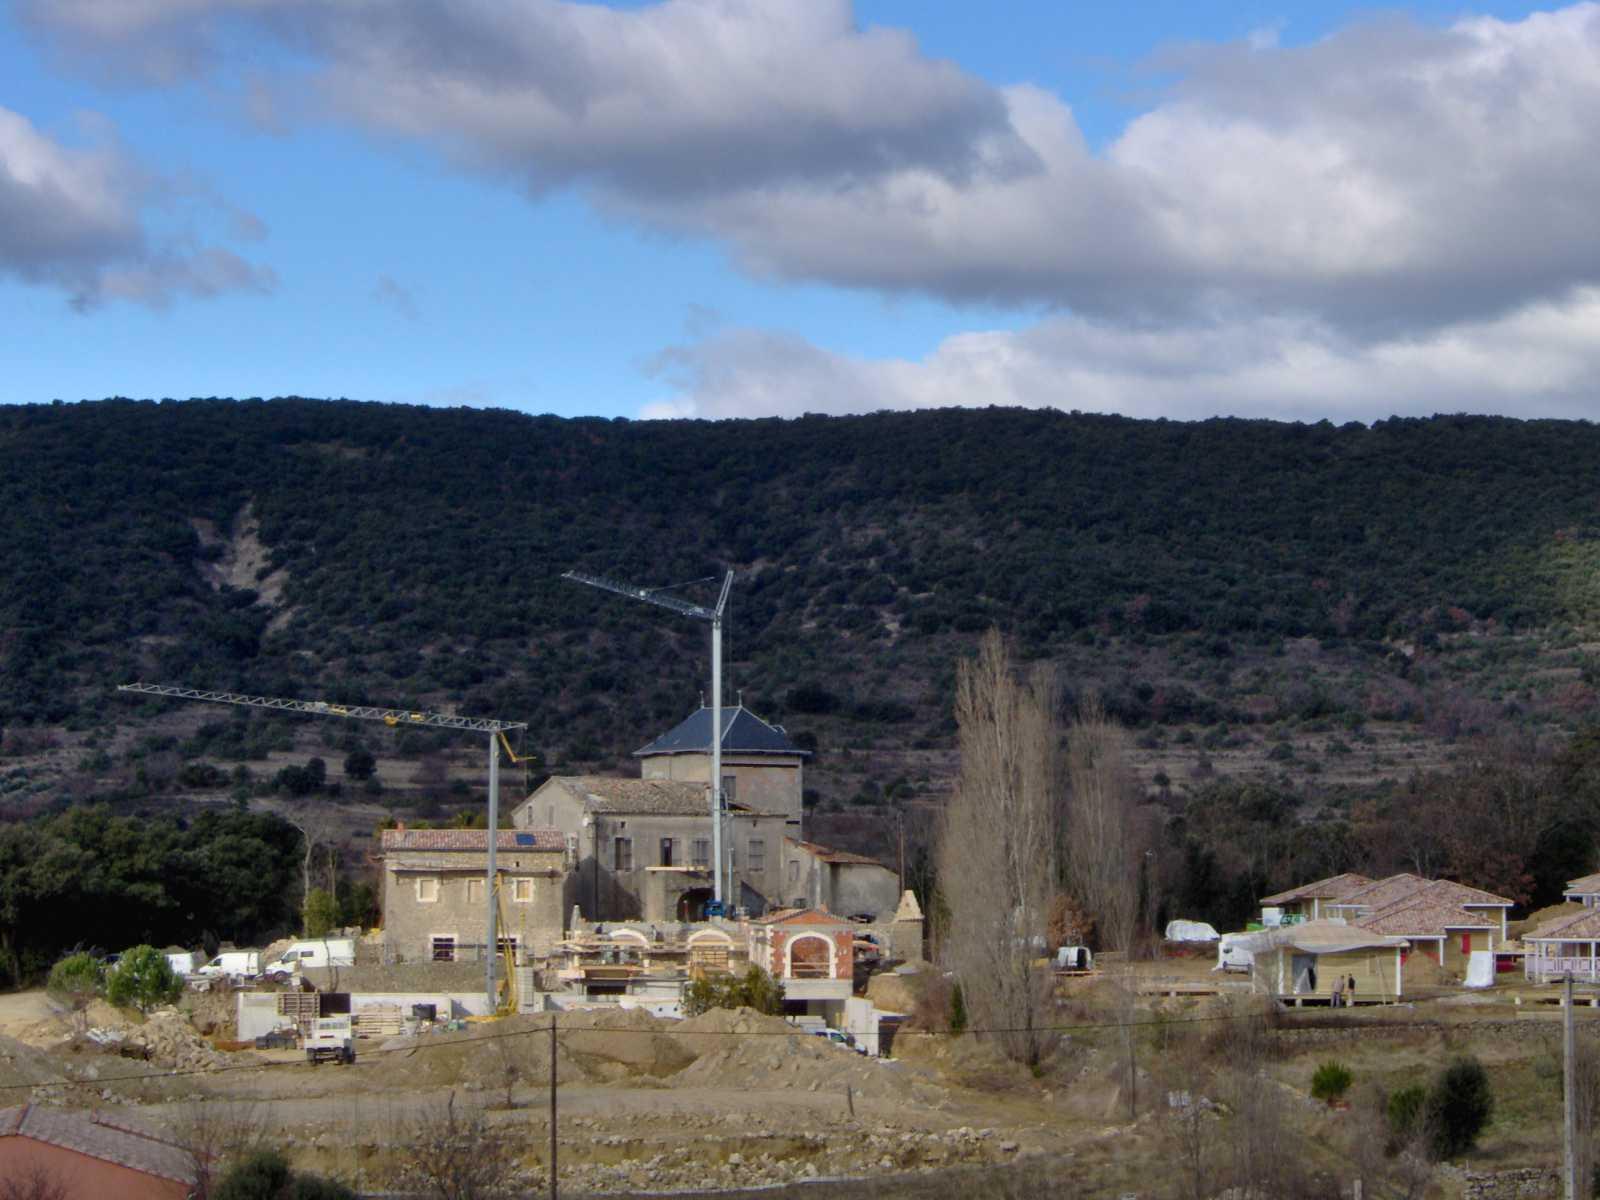 domaine de sevenier spa historique photo3 - Presentation